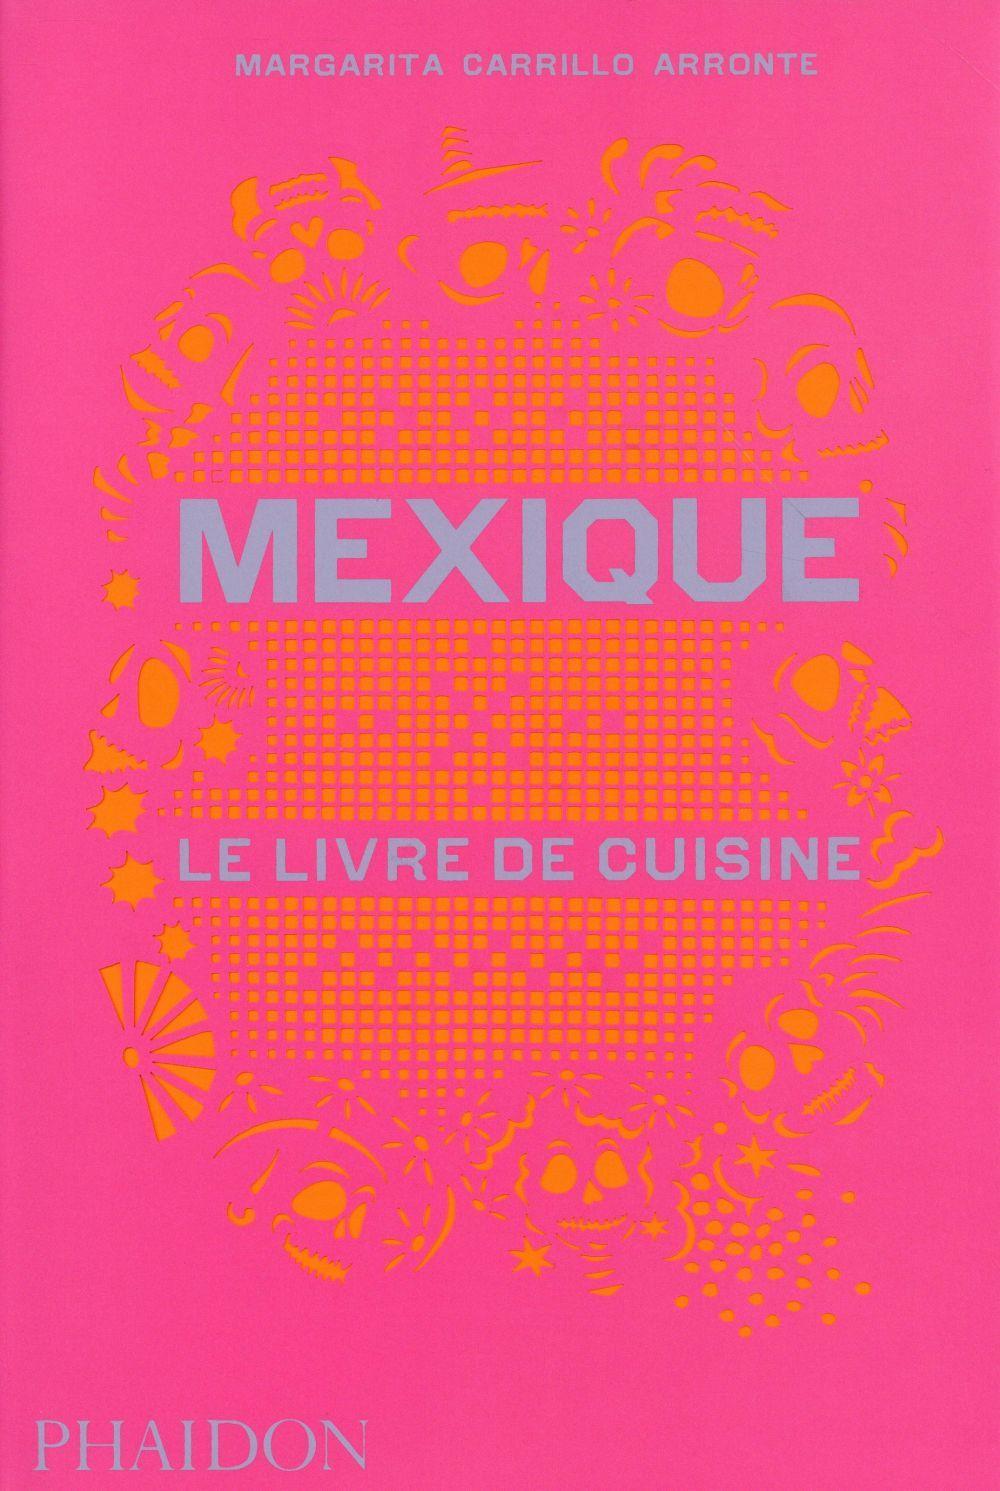 mexique le livre de cuisine margarita garrillo arronte belgique loisirs. Black Bedroom Furniture Sets. Home Design Ideas